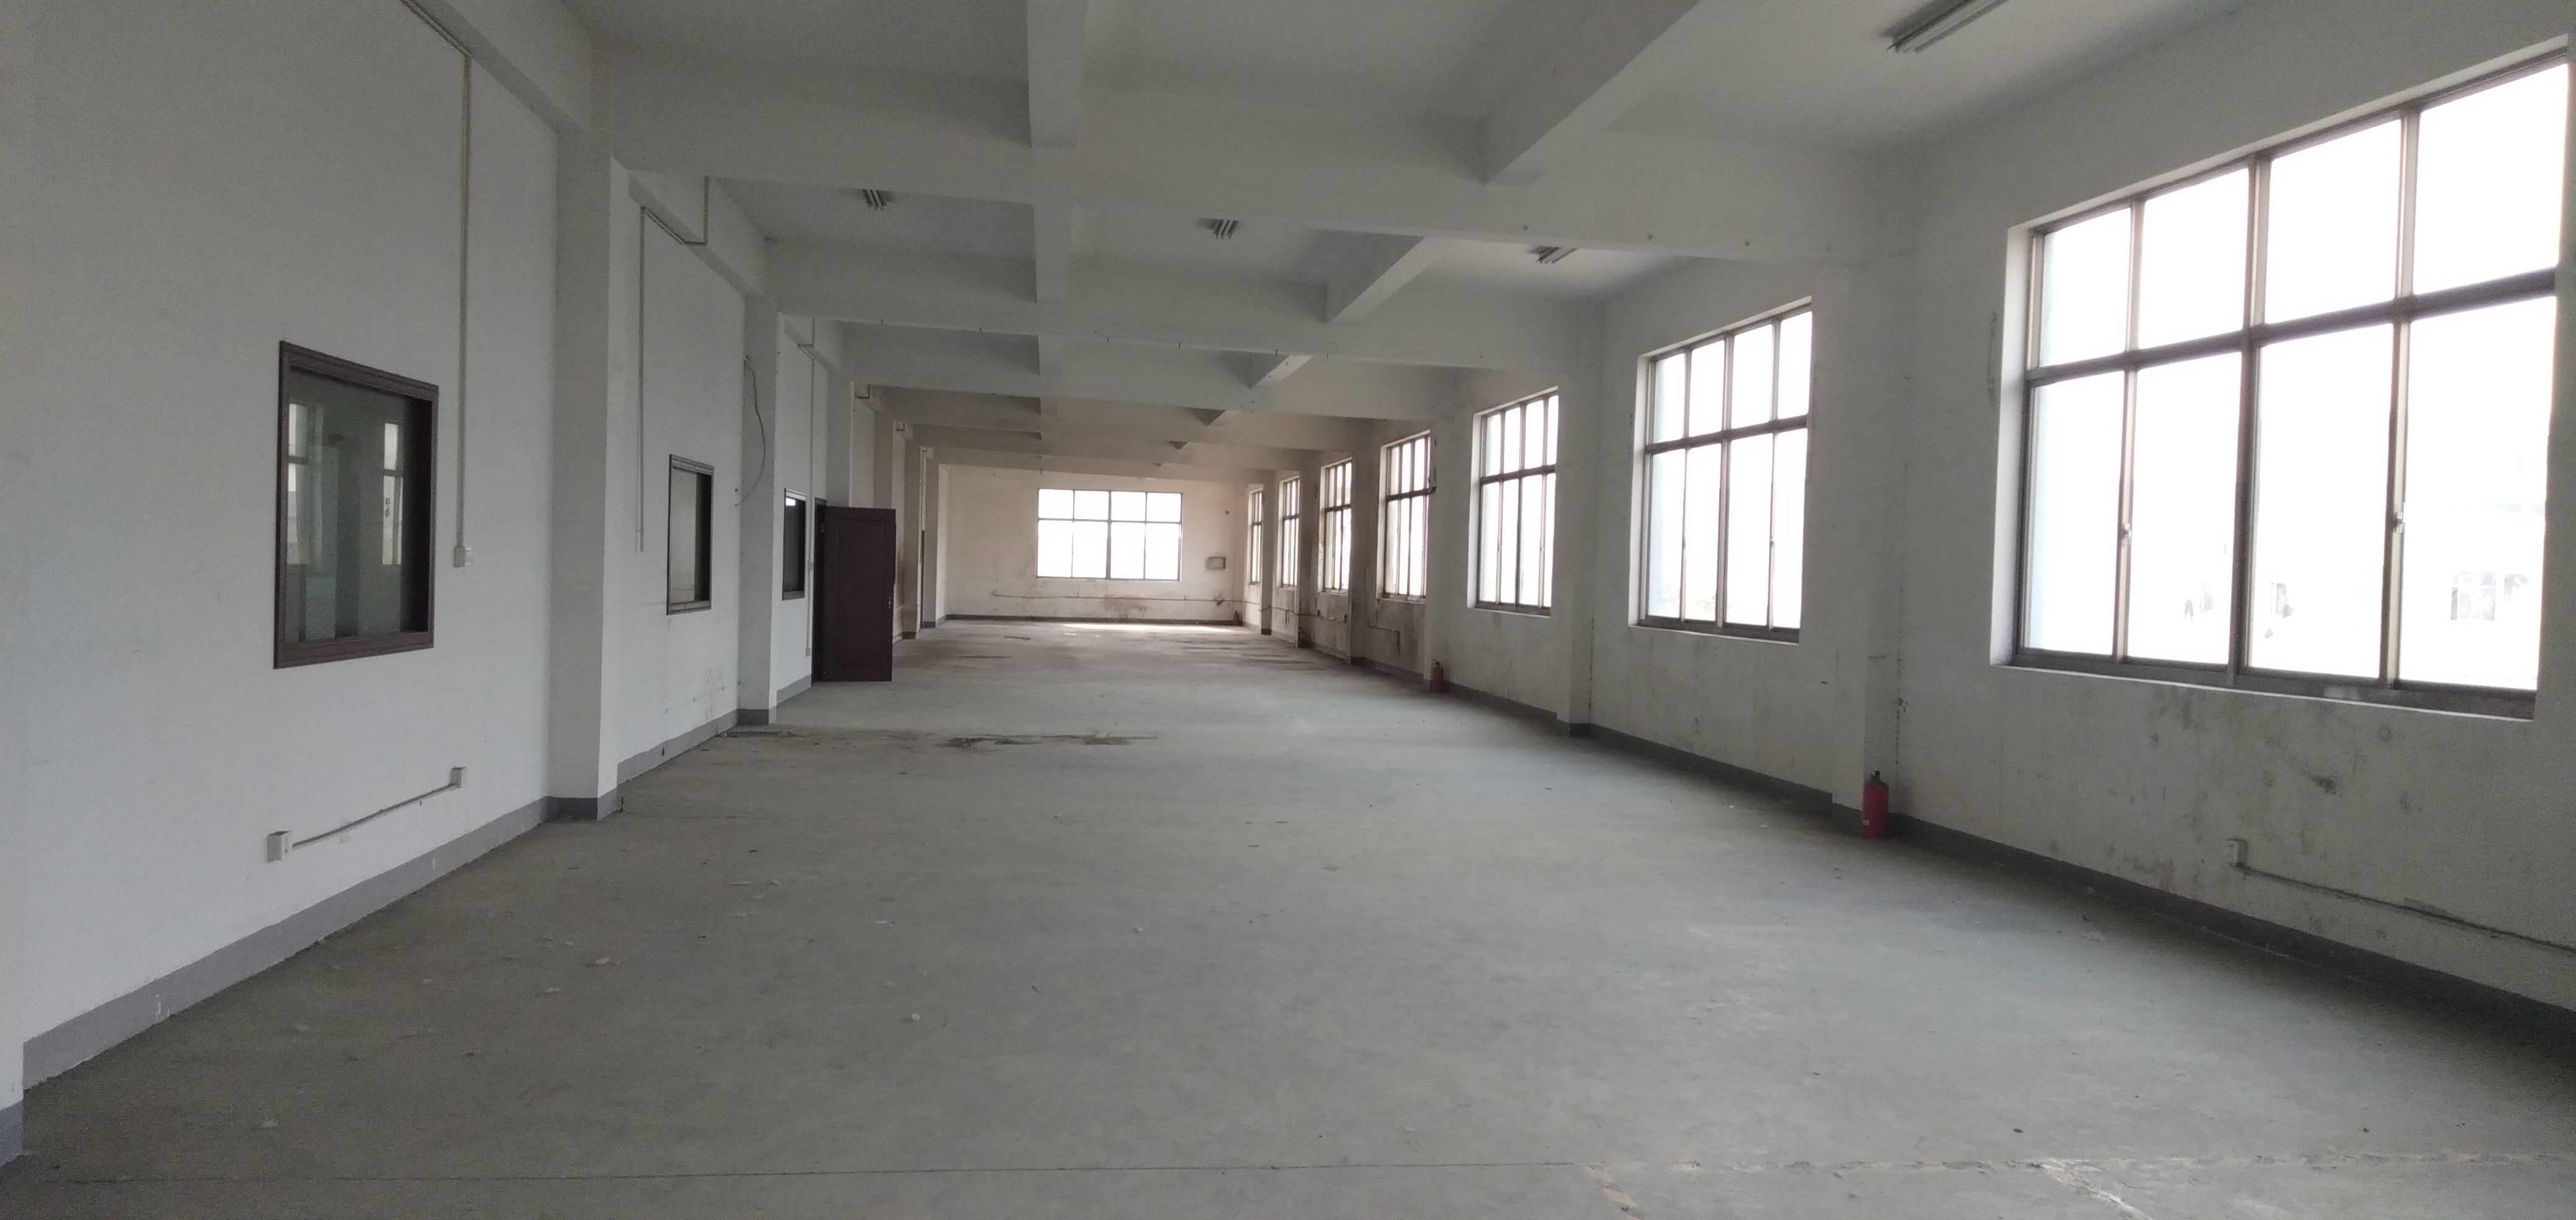 张浦790平米厂房出租